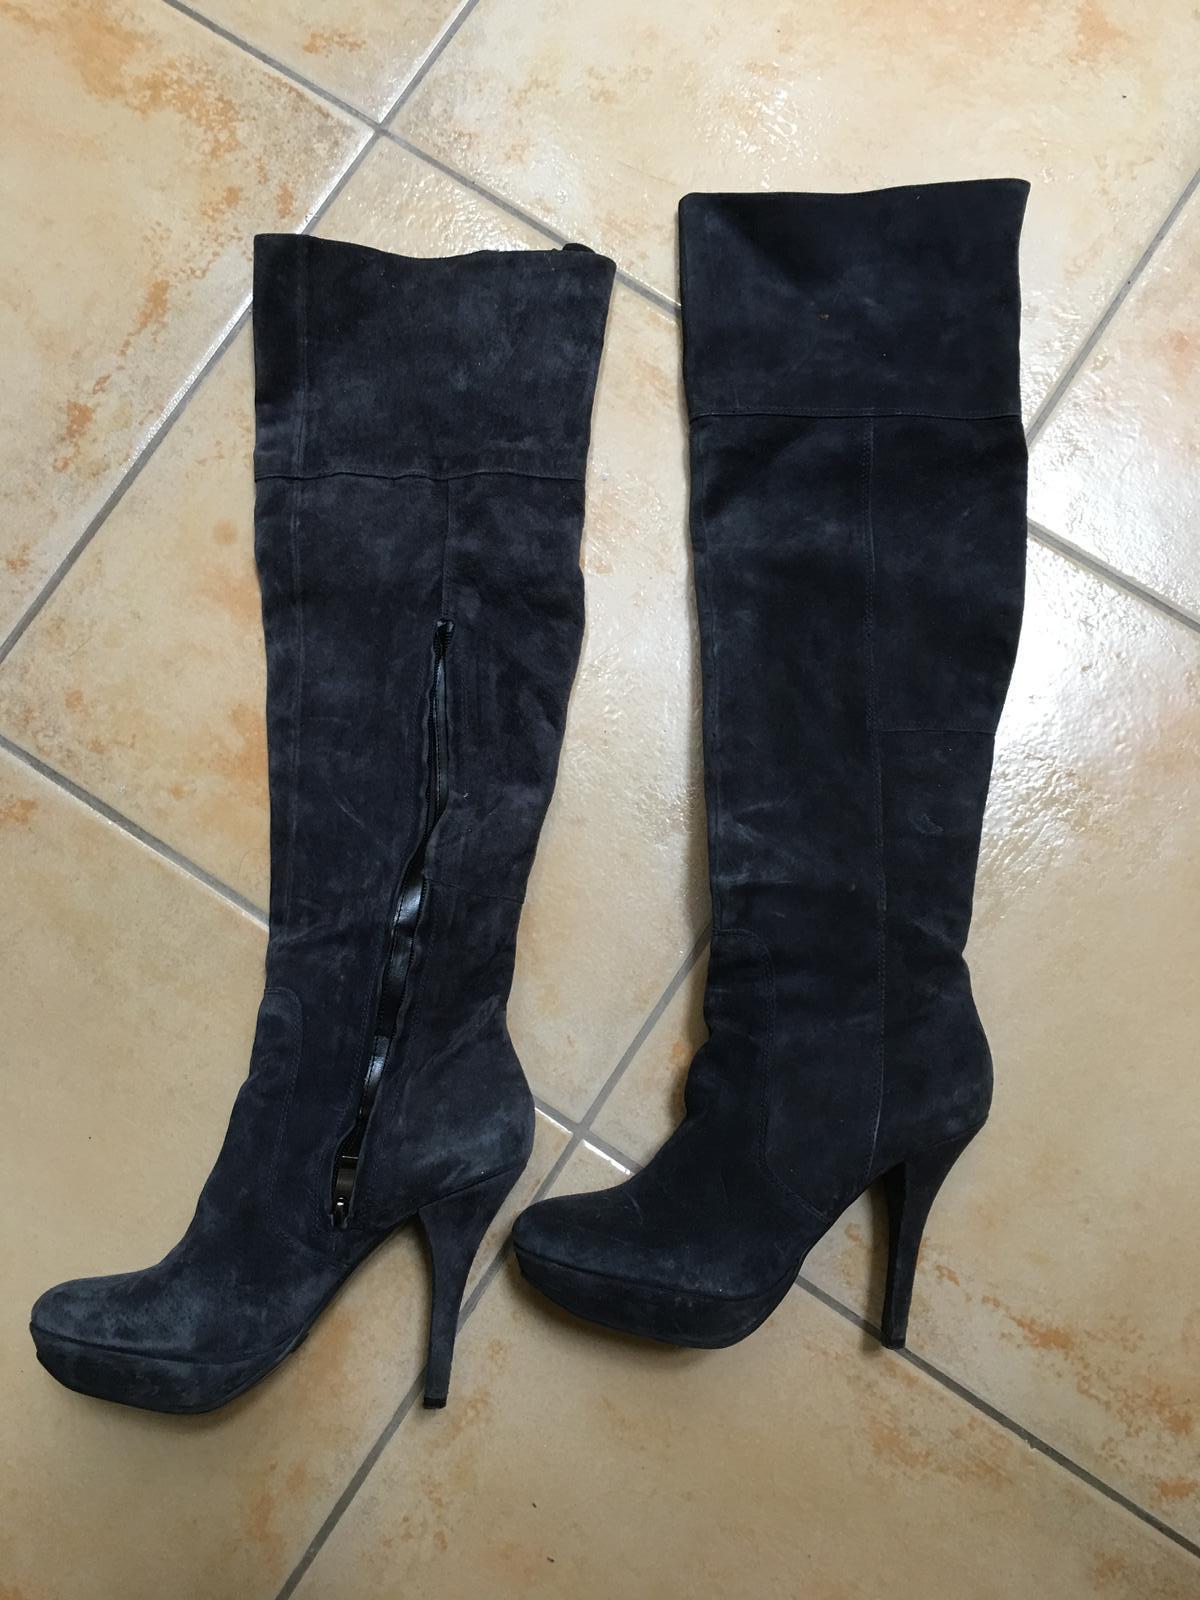 dba4198723f2 Luxusne cizmy z brusenej koze pc100e obute 2x